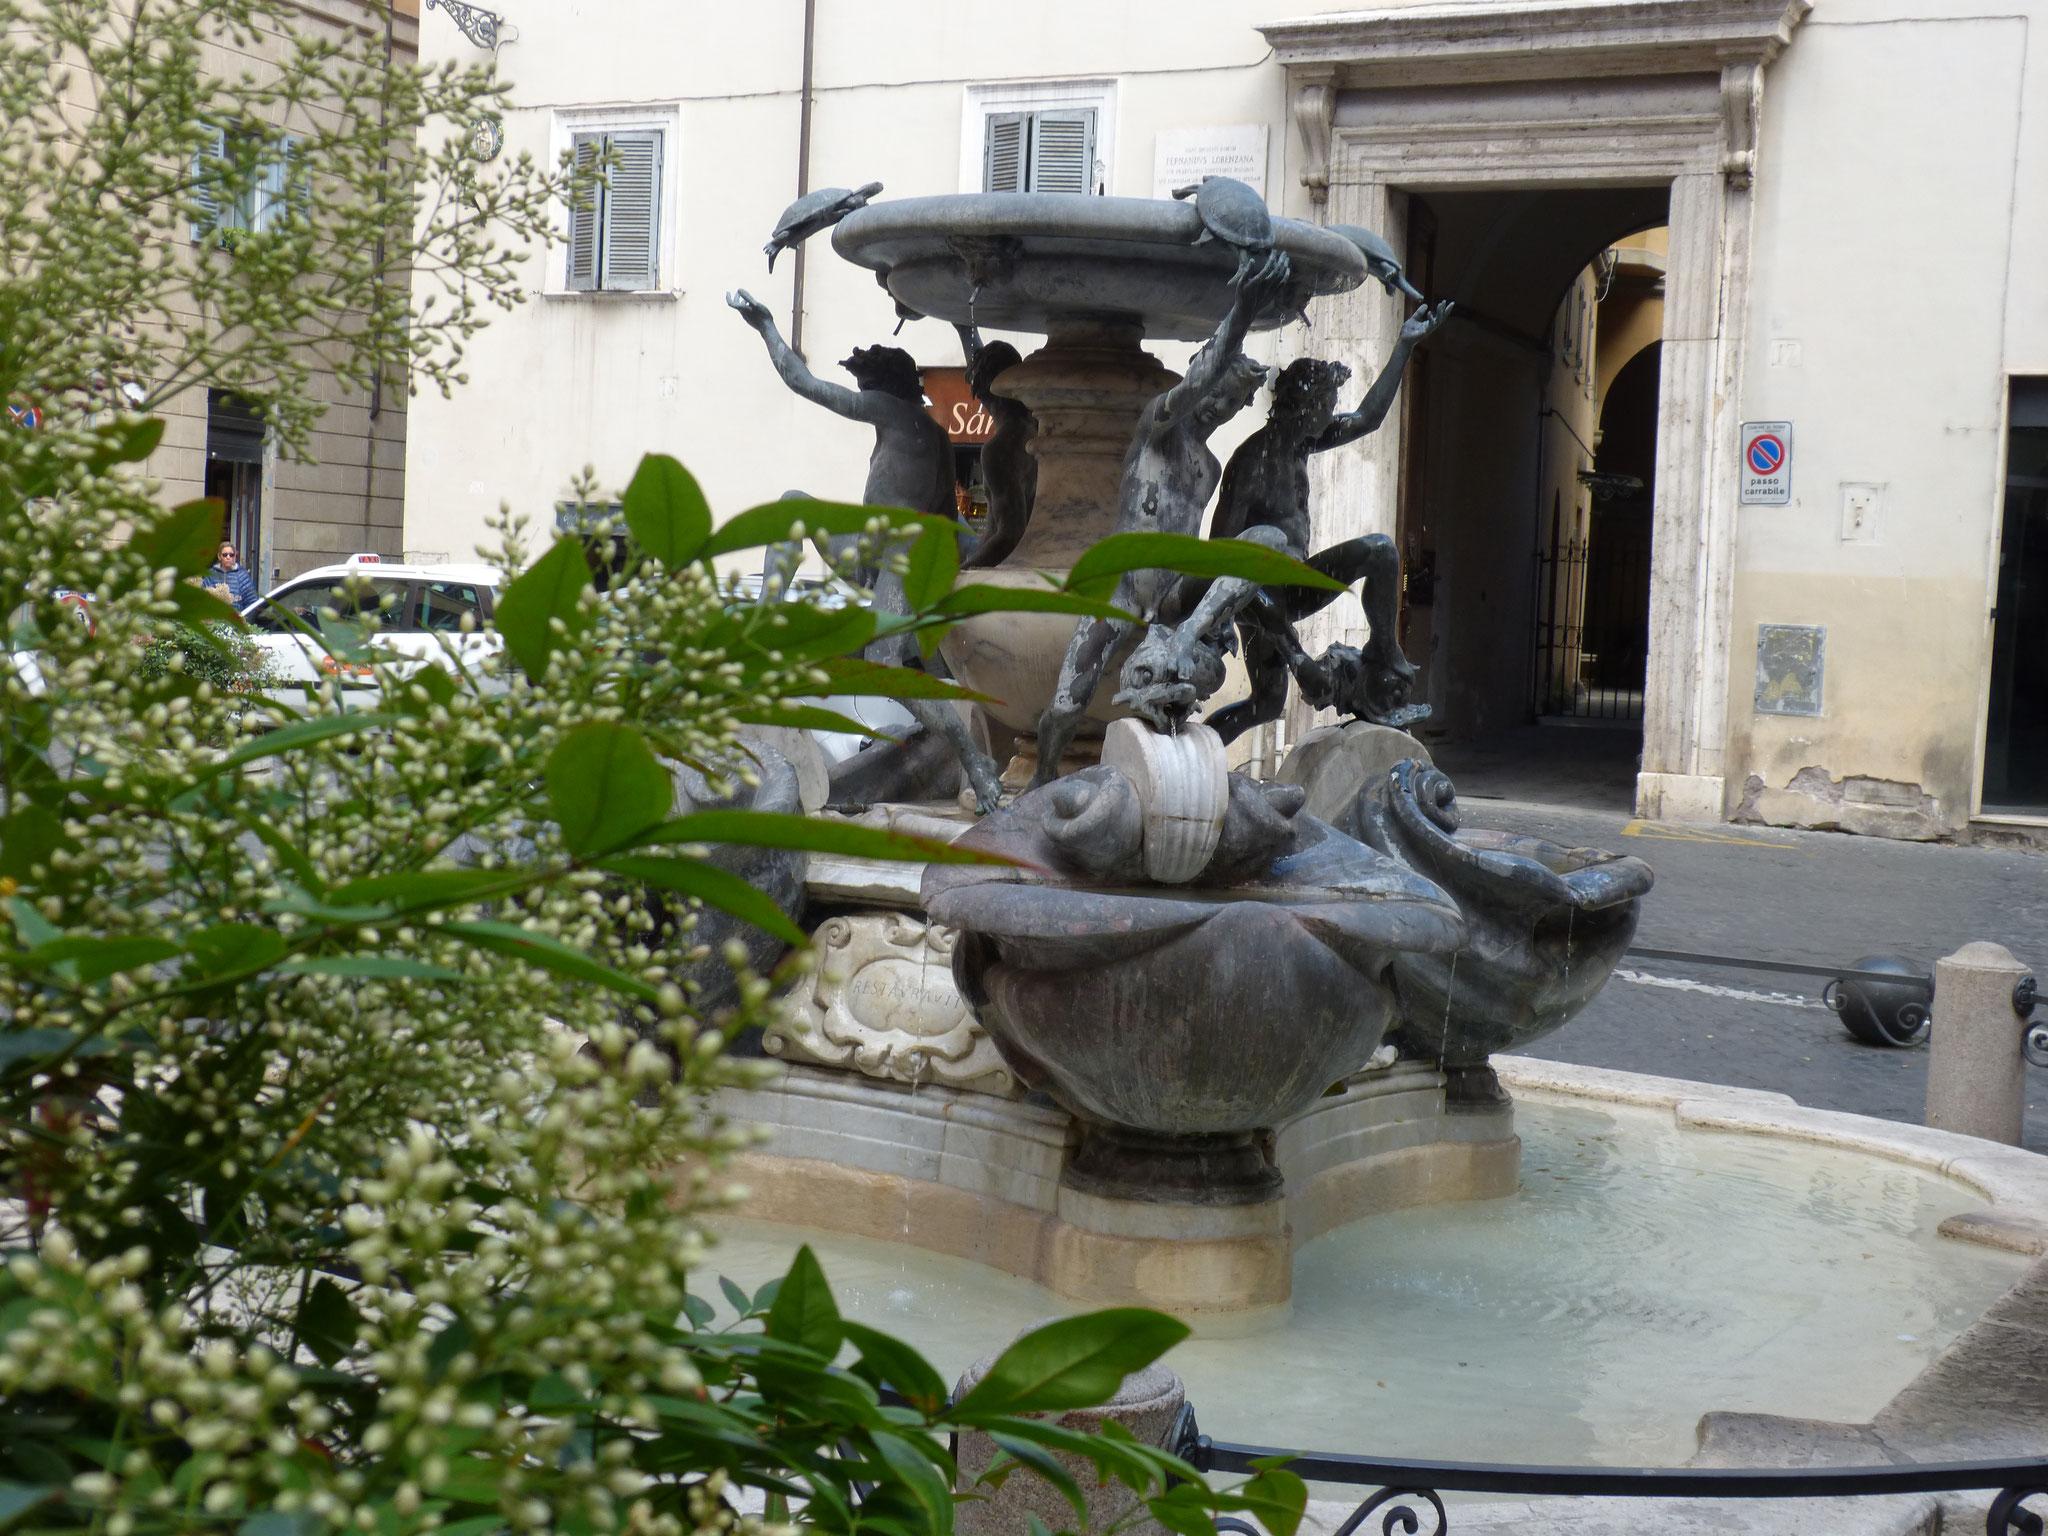 Wunderschön idyllisch liegt der Schildkrötenbrunnen auf der kleinen Piazza Mattei.